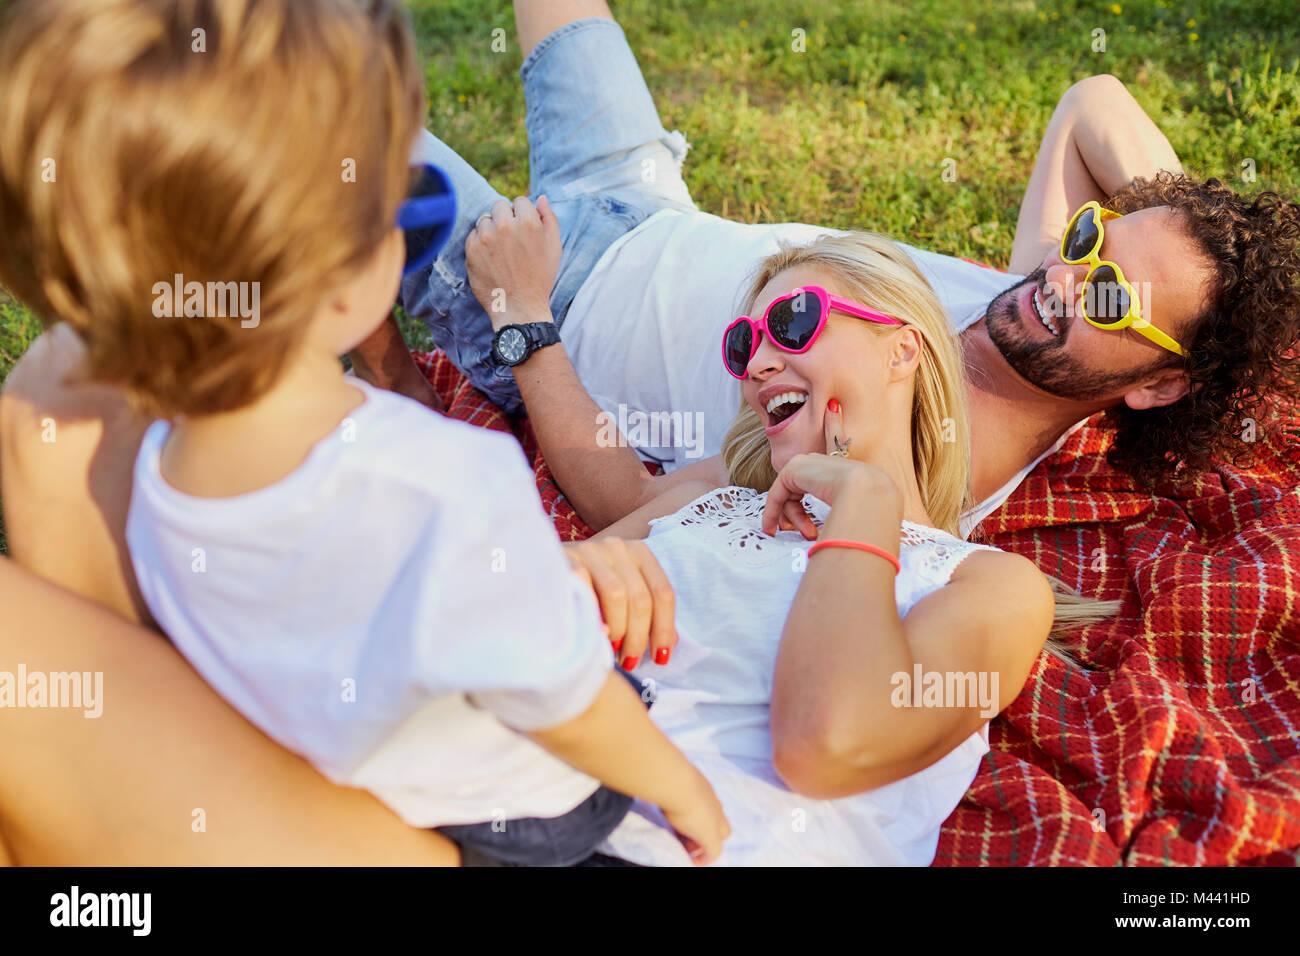 Familia feliz jugando en el parque. Imagen De Stock